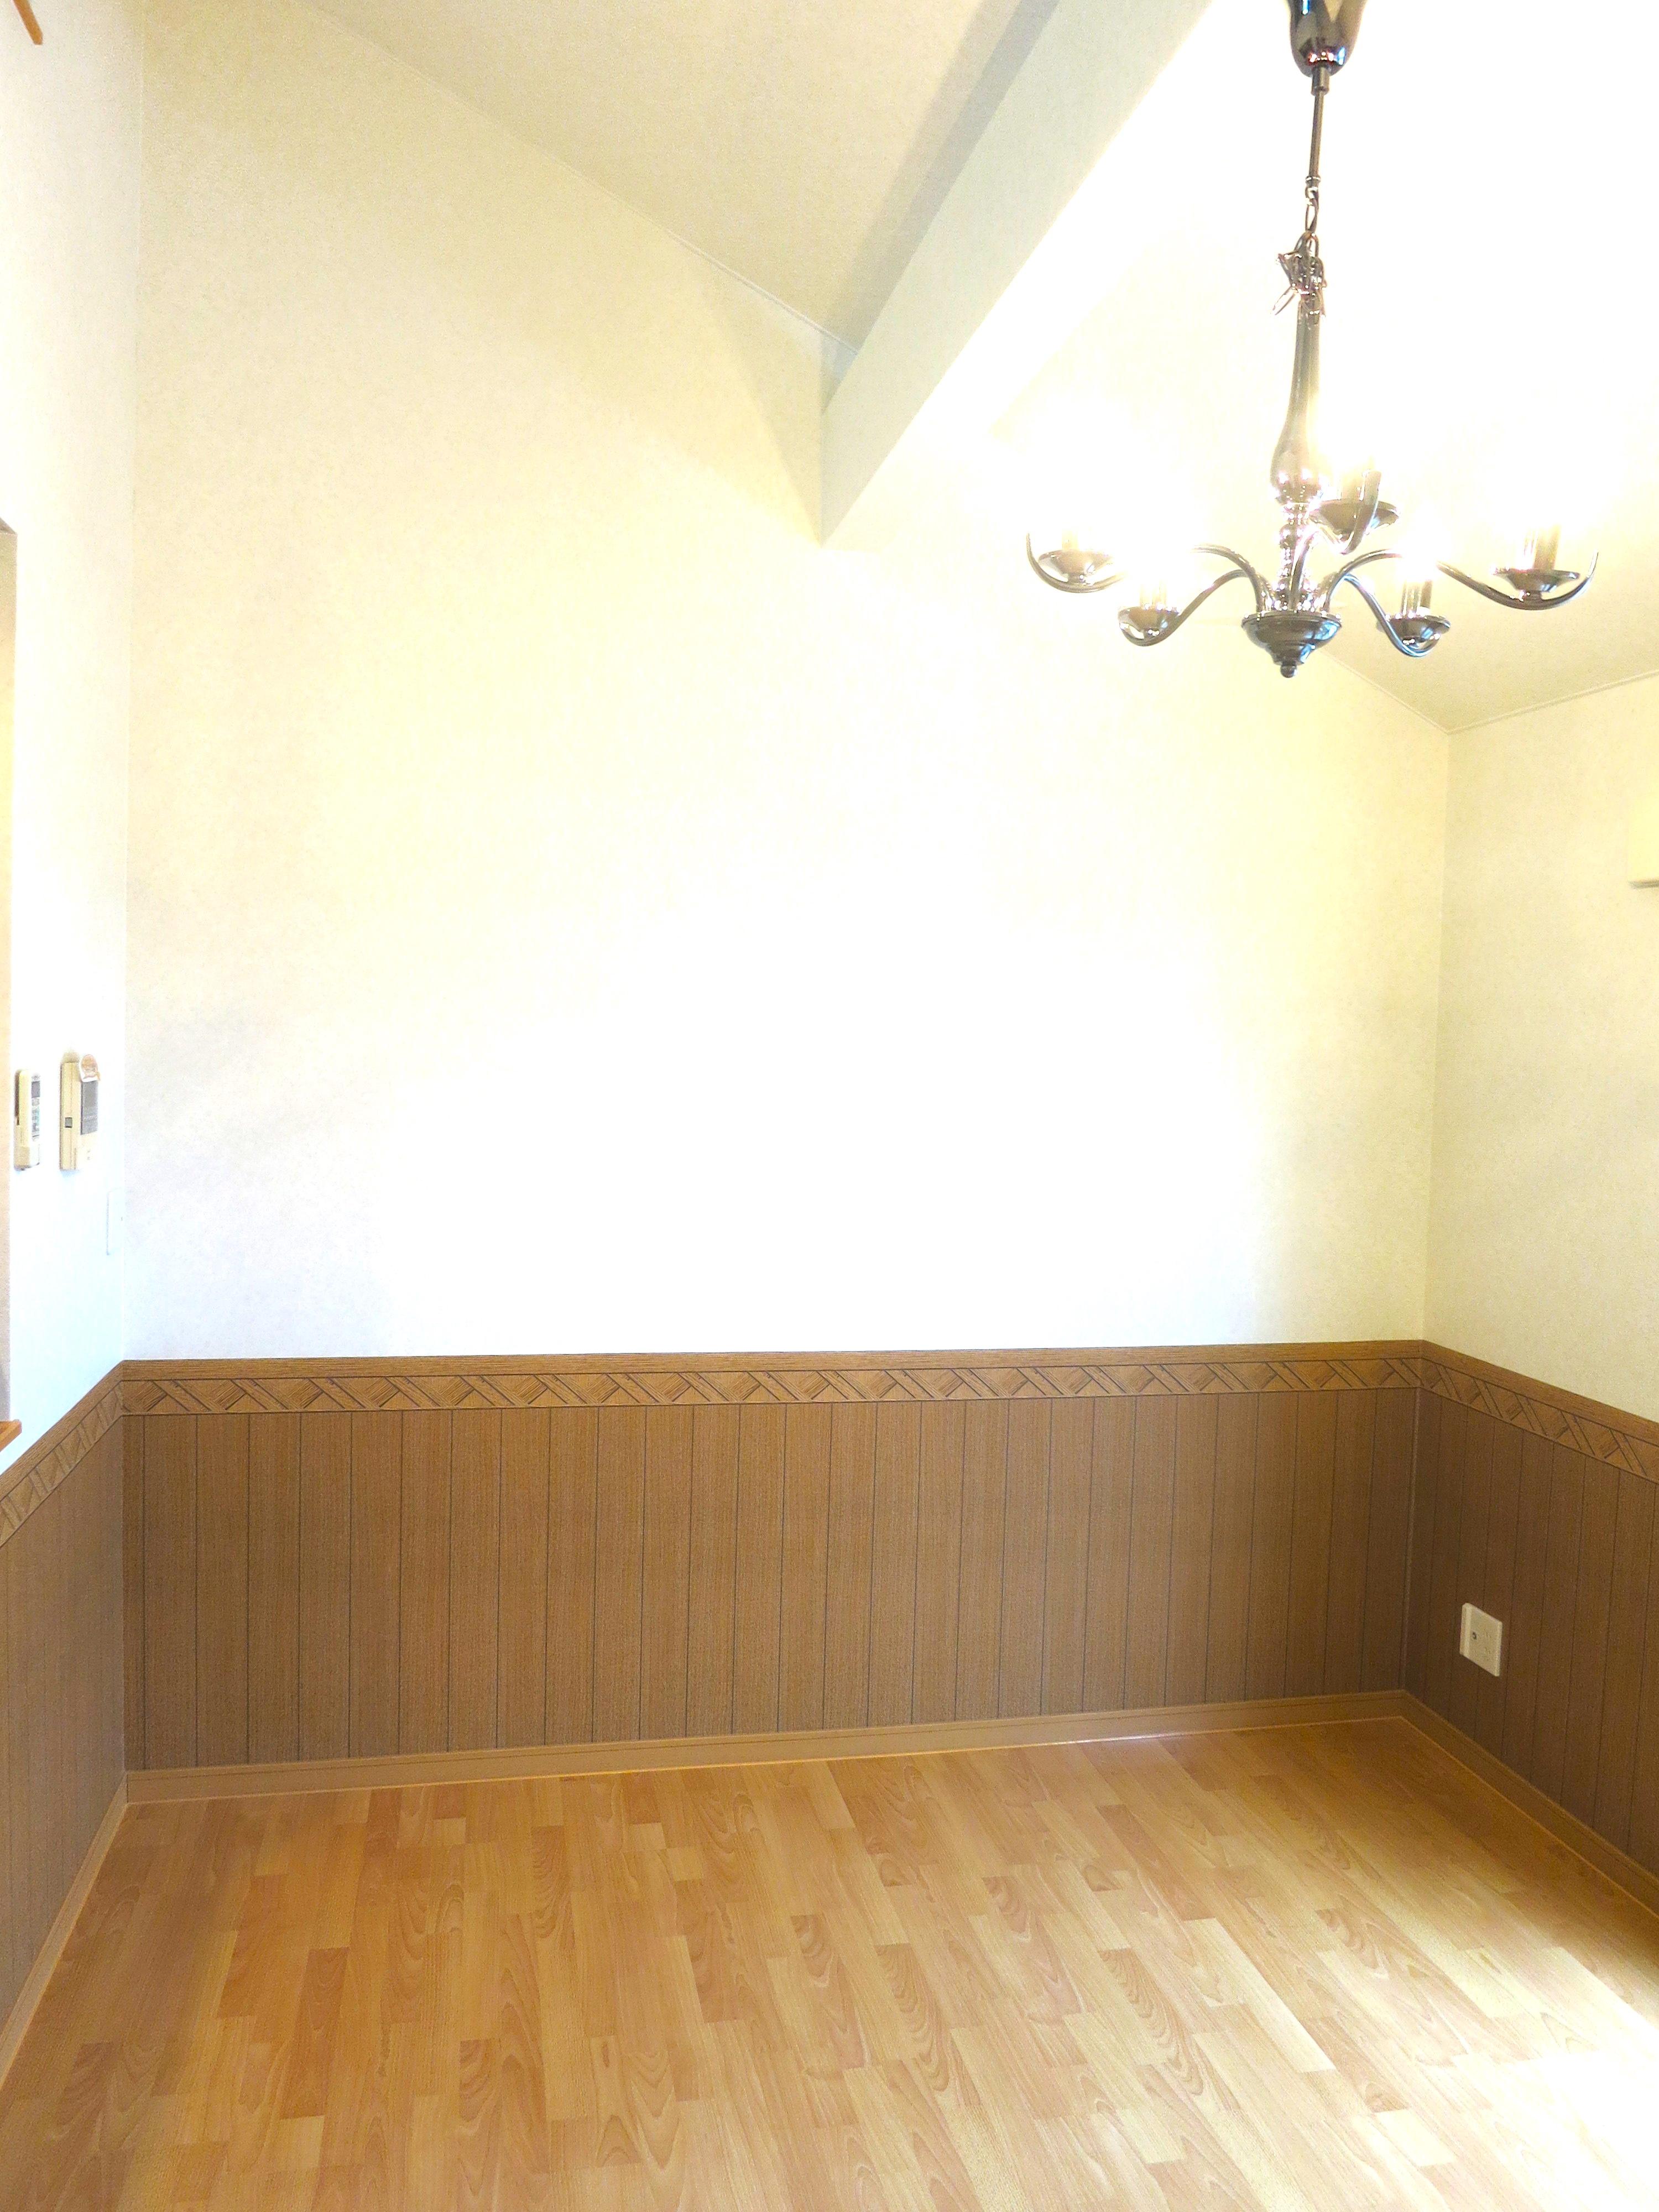 腰壁と白い壁のコントラスト。虹と空とリベルテ(Liberte)と。優しい自由がある空間。_7824